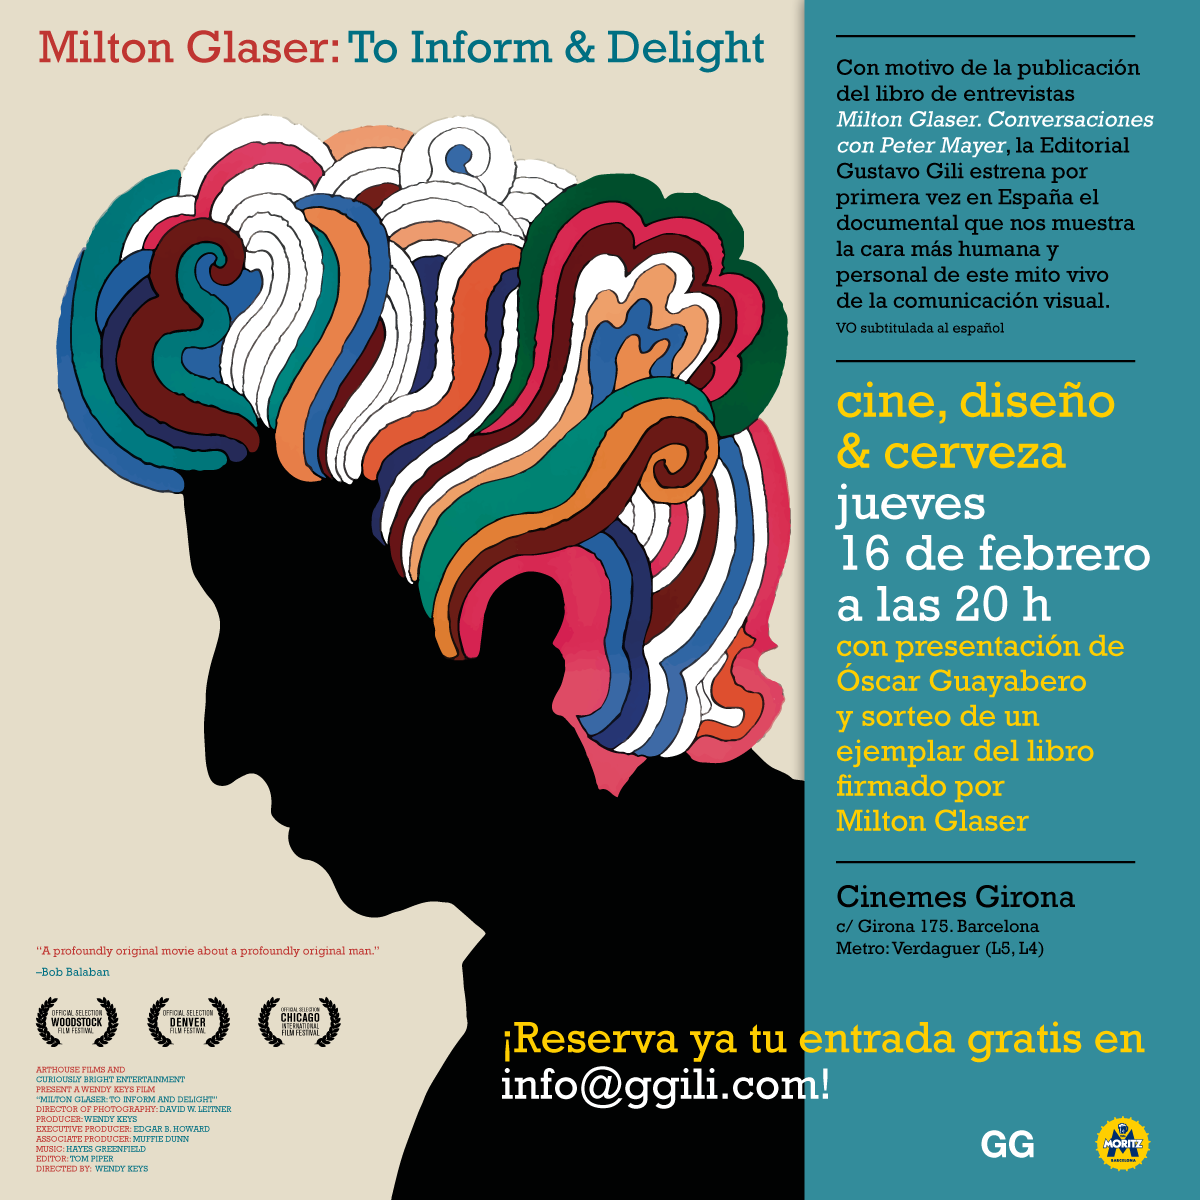 ¡Te invitamos a una noche de cine, diseño y cerveza con Milton Glaser!